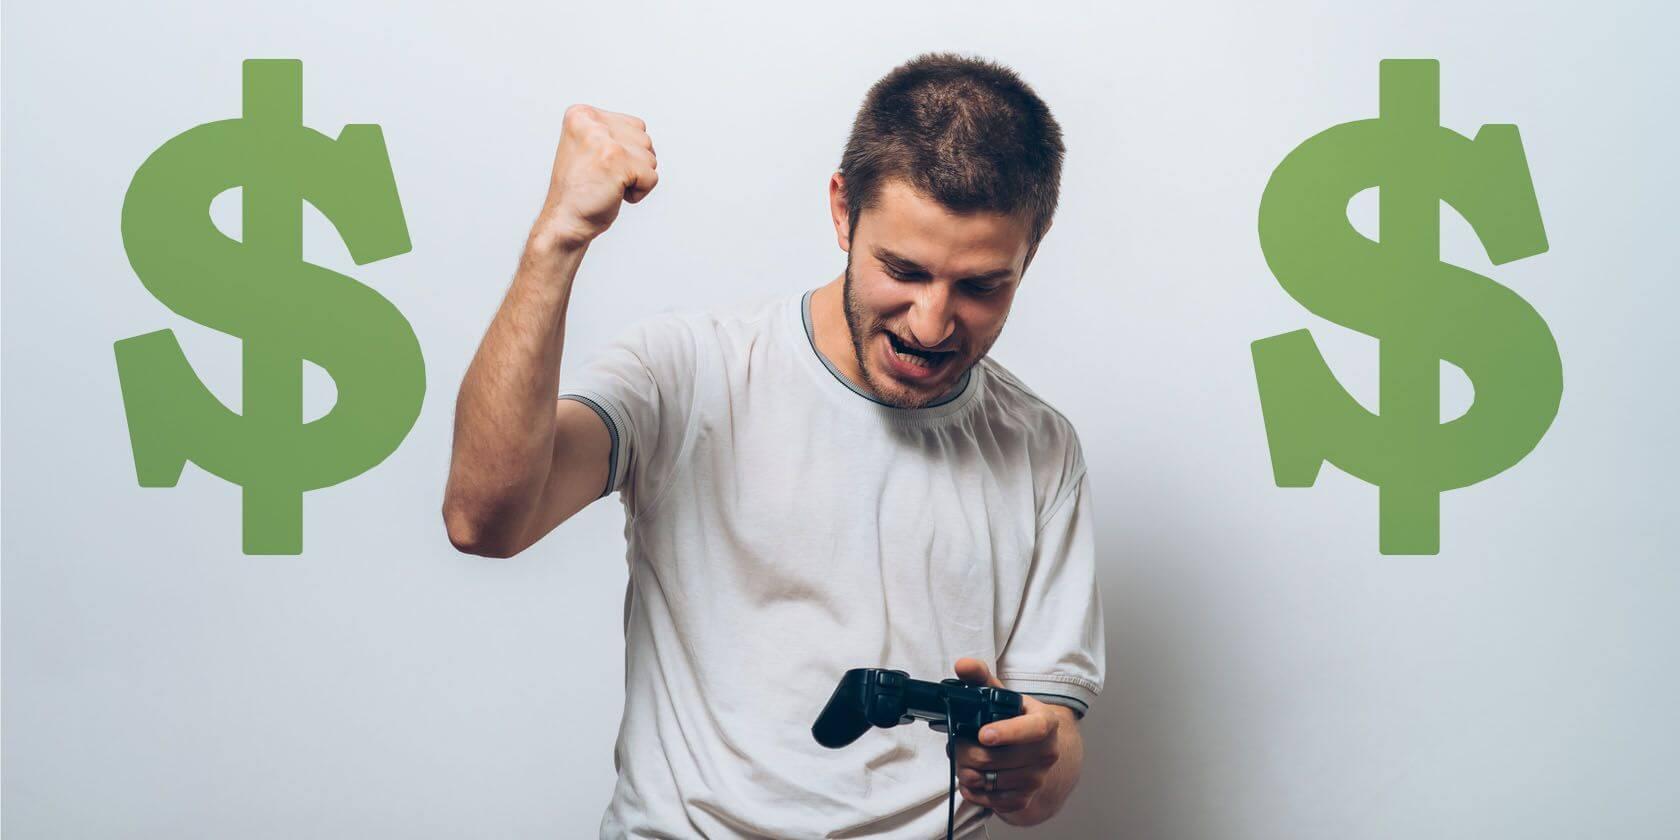 Make Money Gaming on Sites